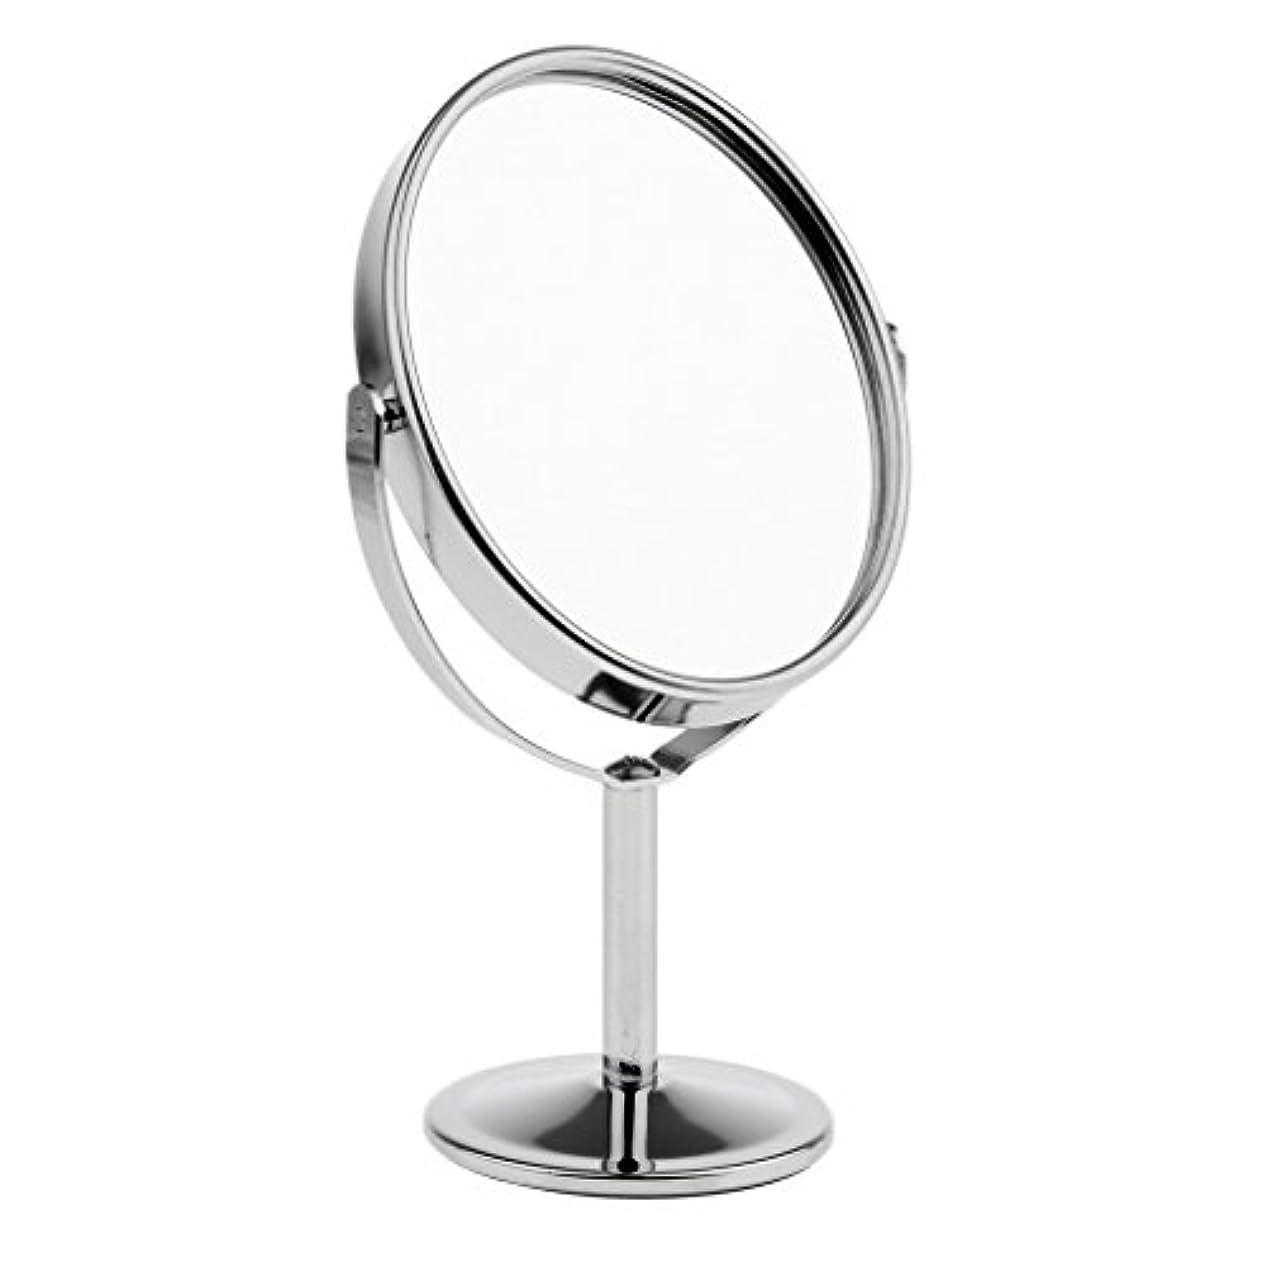 広範囲脅威熟読FutuHome ミニレディーガール美容メイクアップ卓上ミラー化粧品デュアルサイドノーマル+拡大鏡スタンドミラー6インチ高さ - 銀